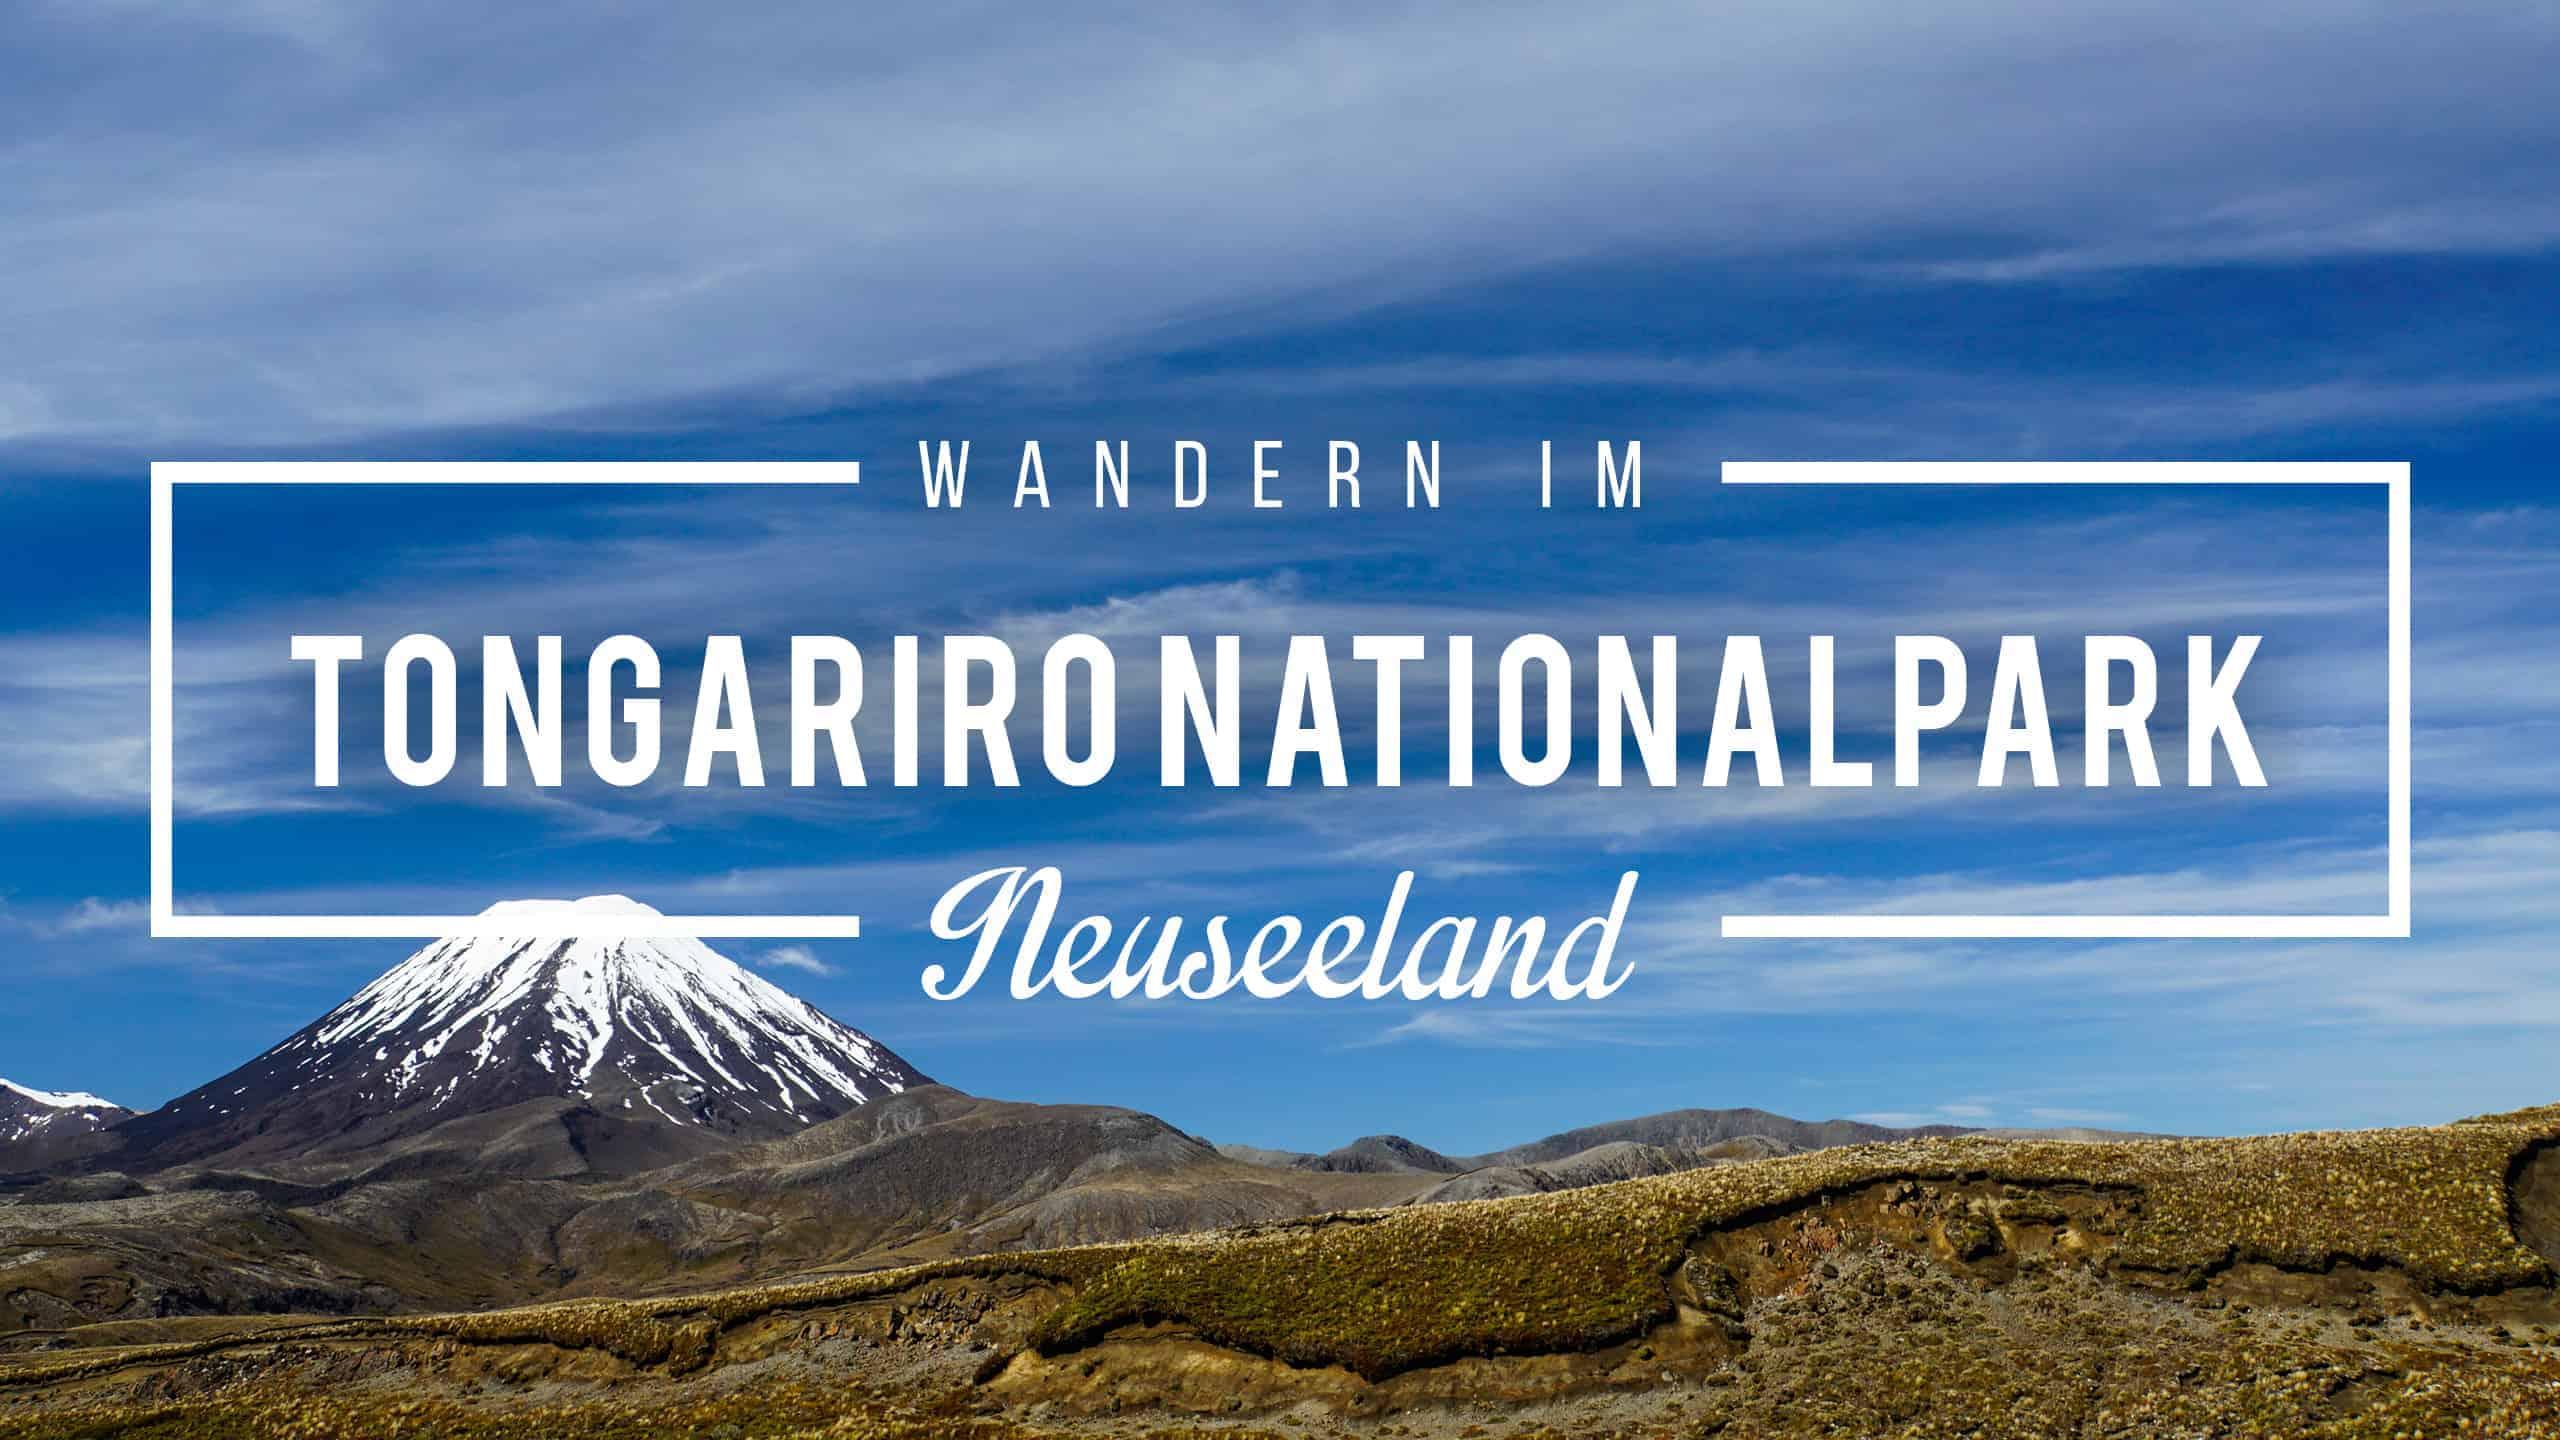 Wandern im Tongariro Nationalpark in Neuseeland